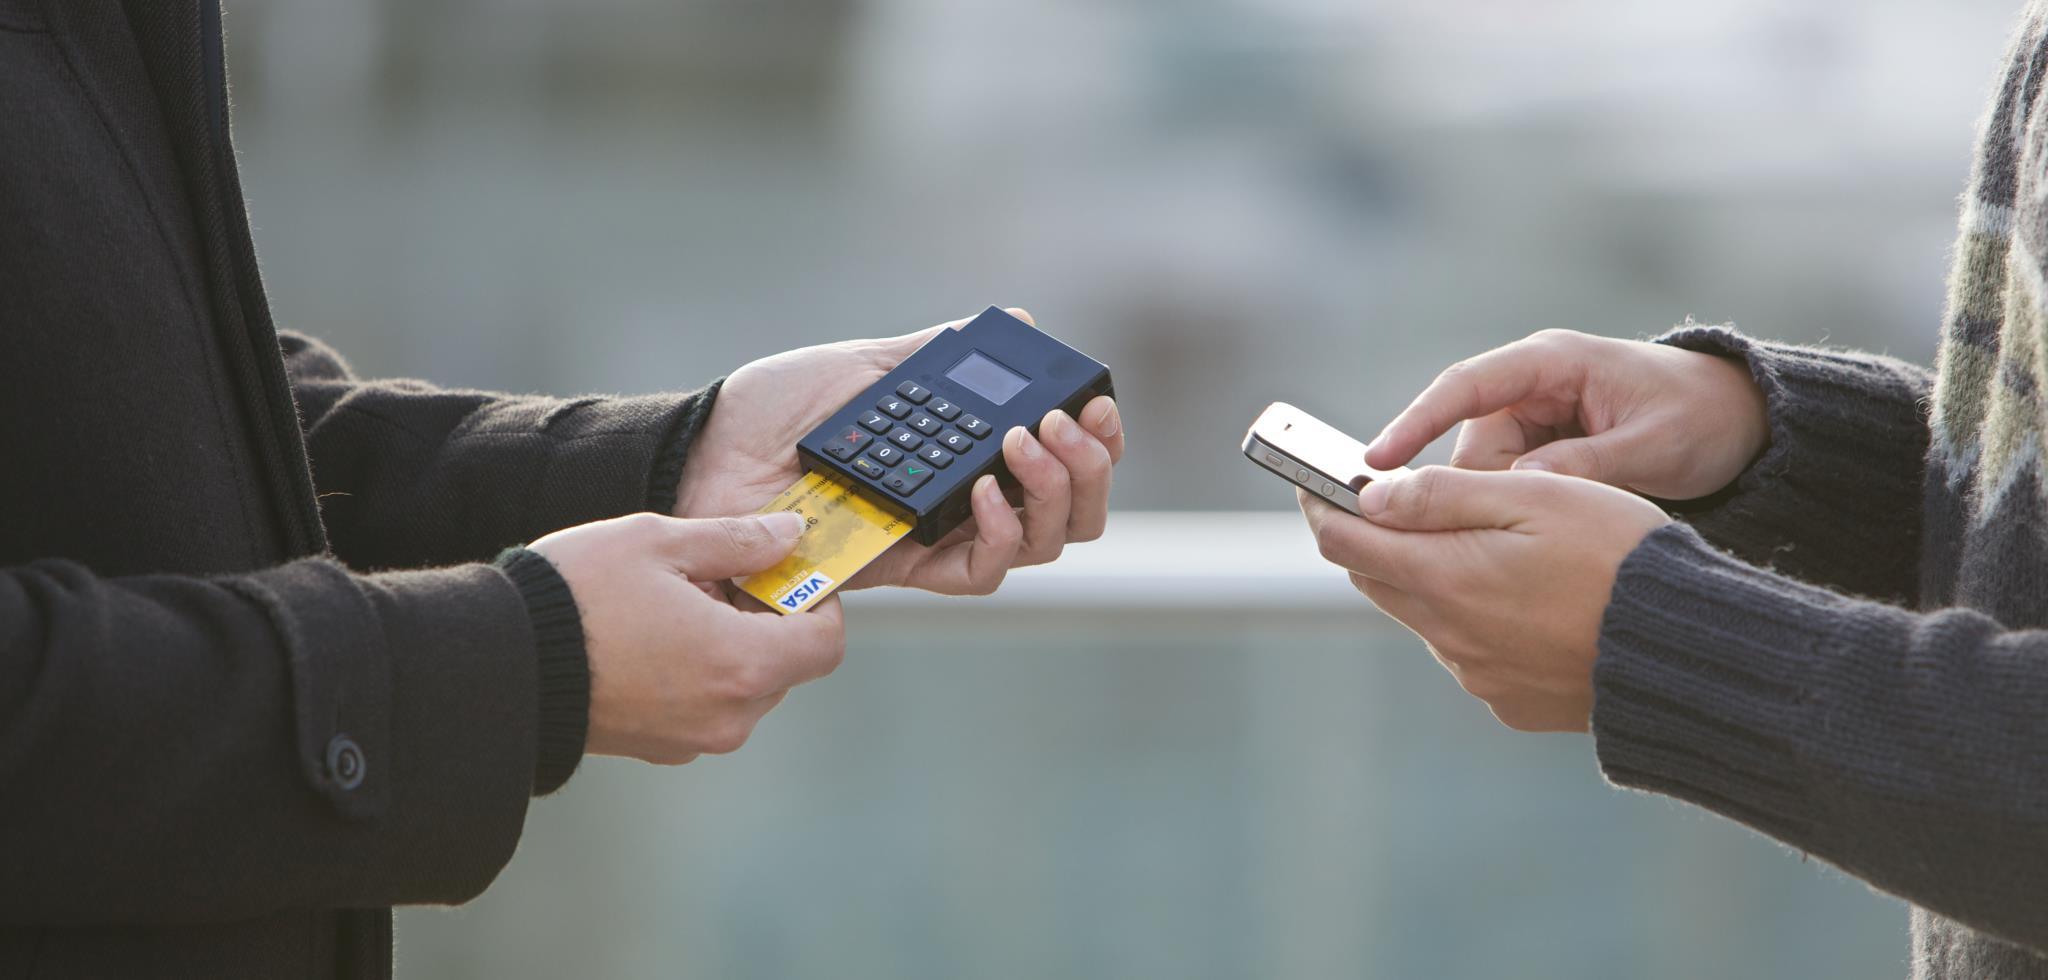 Pagar con tarjeta en cualquier lugar ya es posible gracias a SetPay